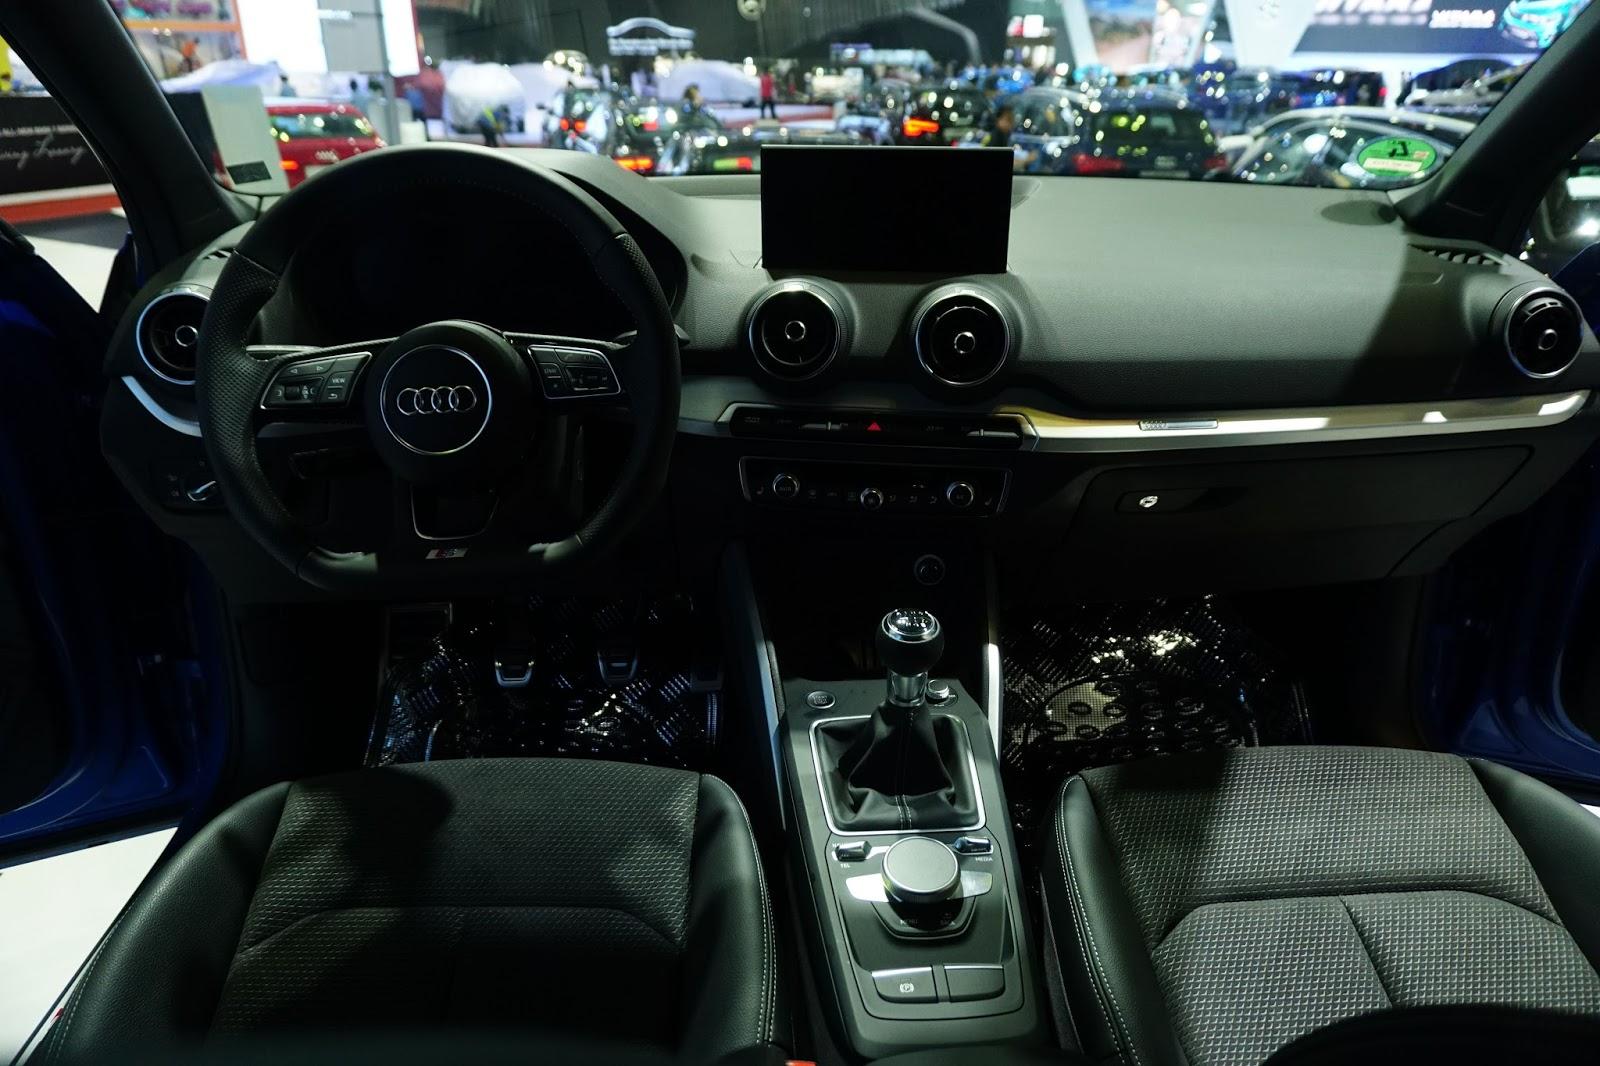 Xe Q2 2017 có nội thất rất mạnh mẽ, hầm hố, giống Mercedes Benz